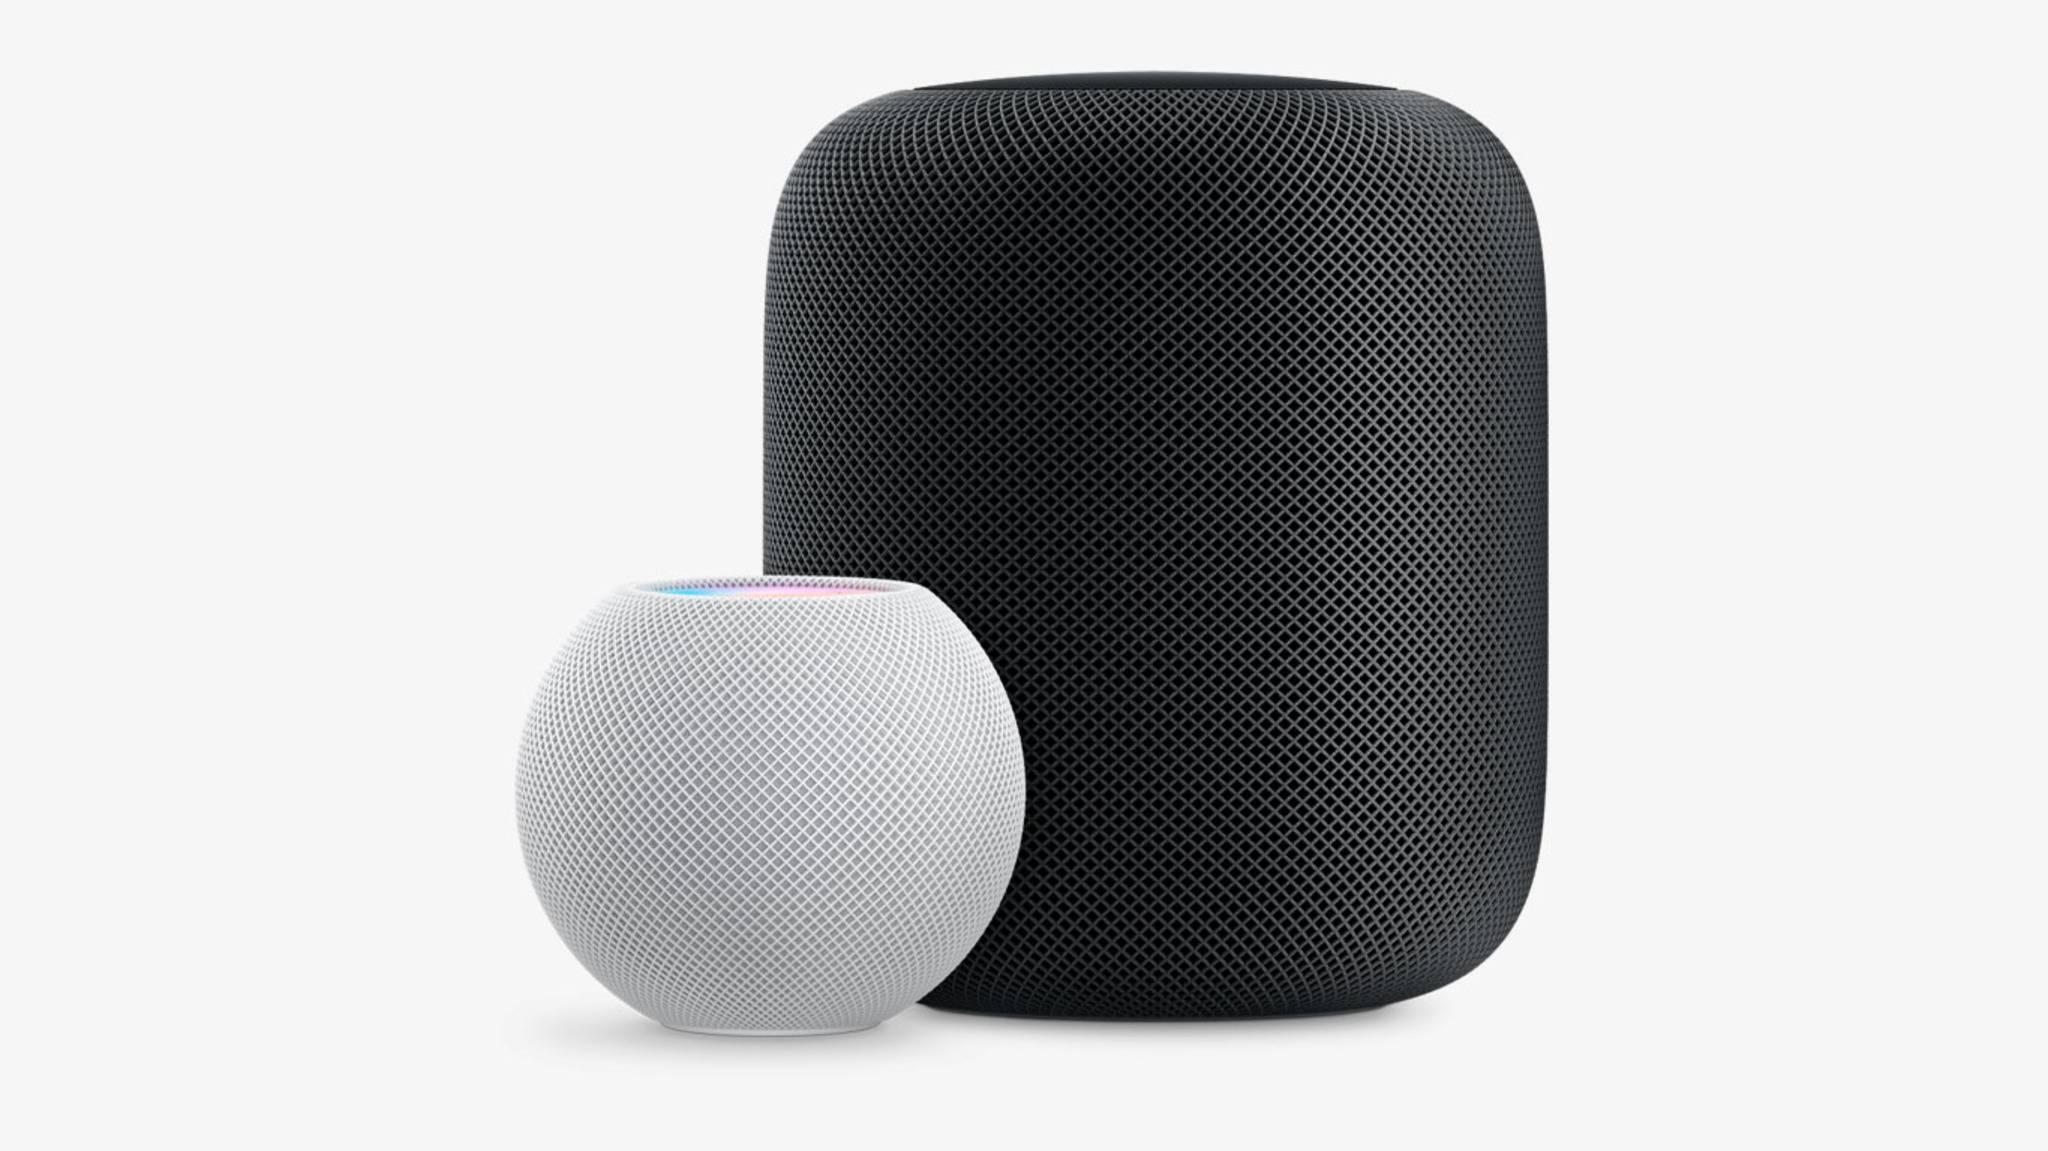 apple-homepod-homepod-mini